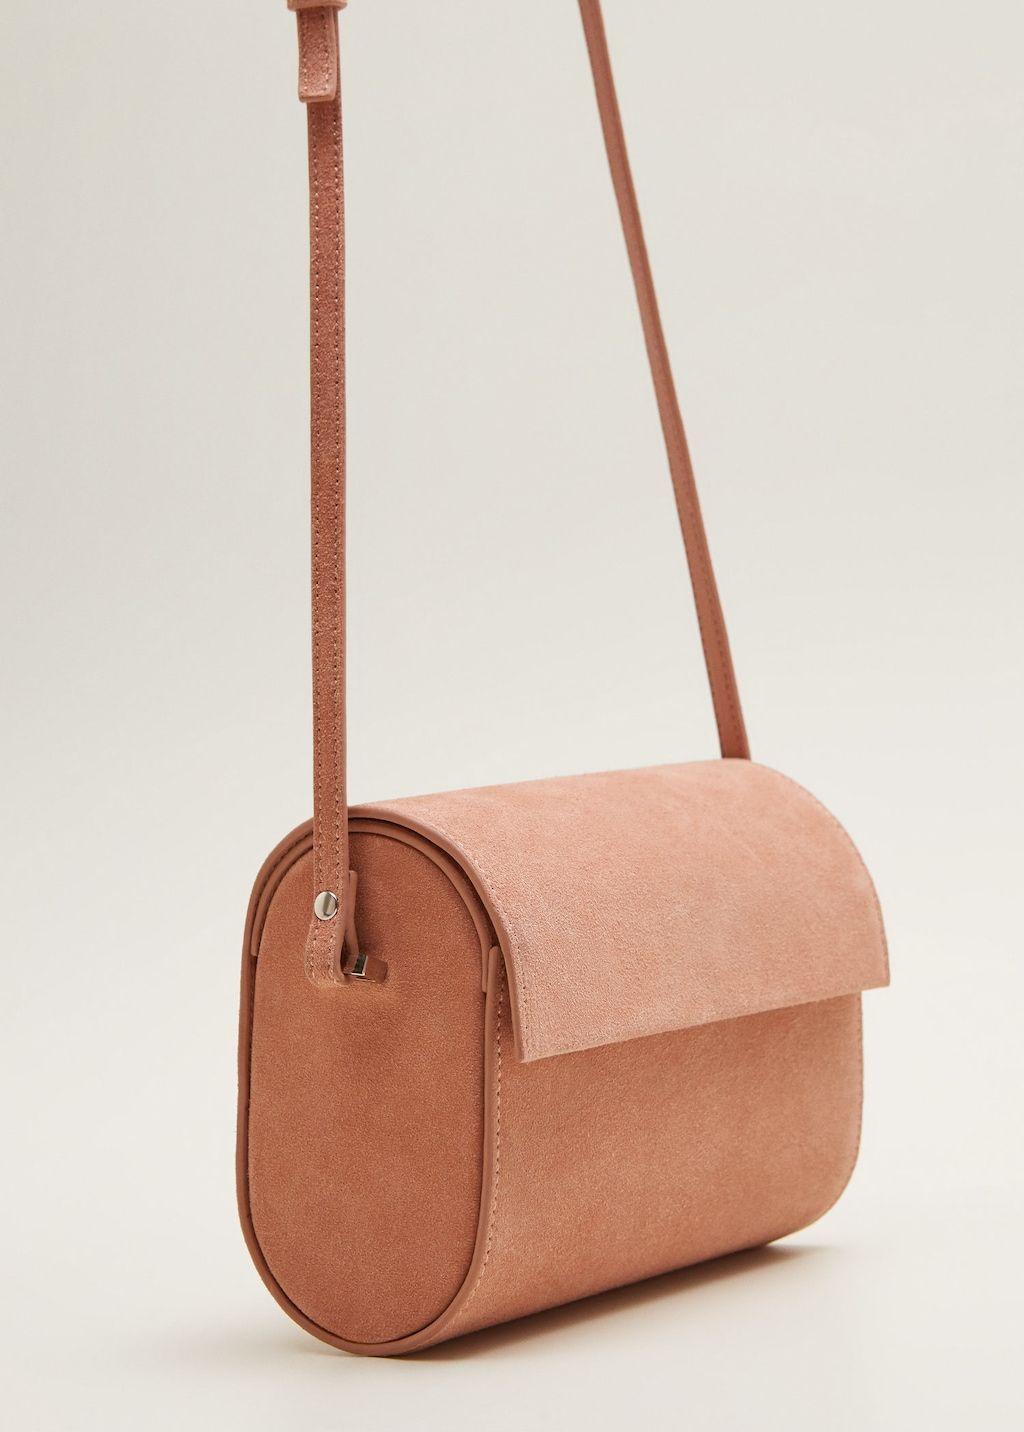 8daeaa9daa Kožená kabelka válcovitého tvaru - Žena